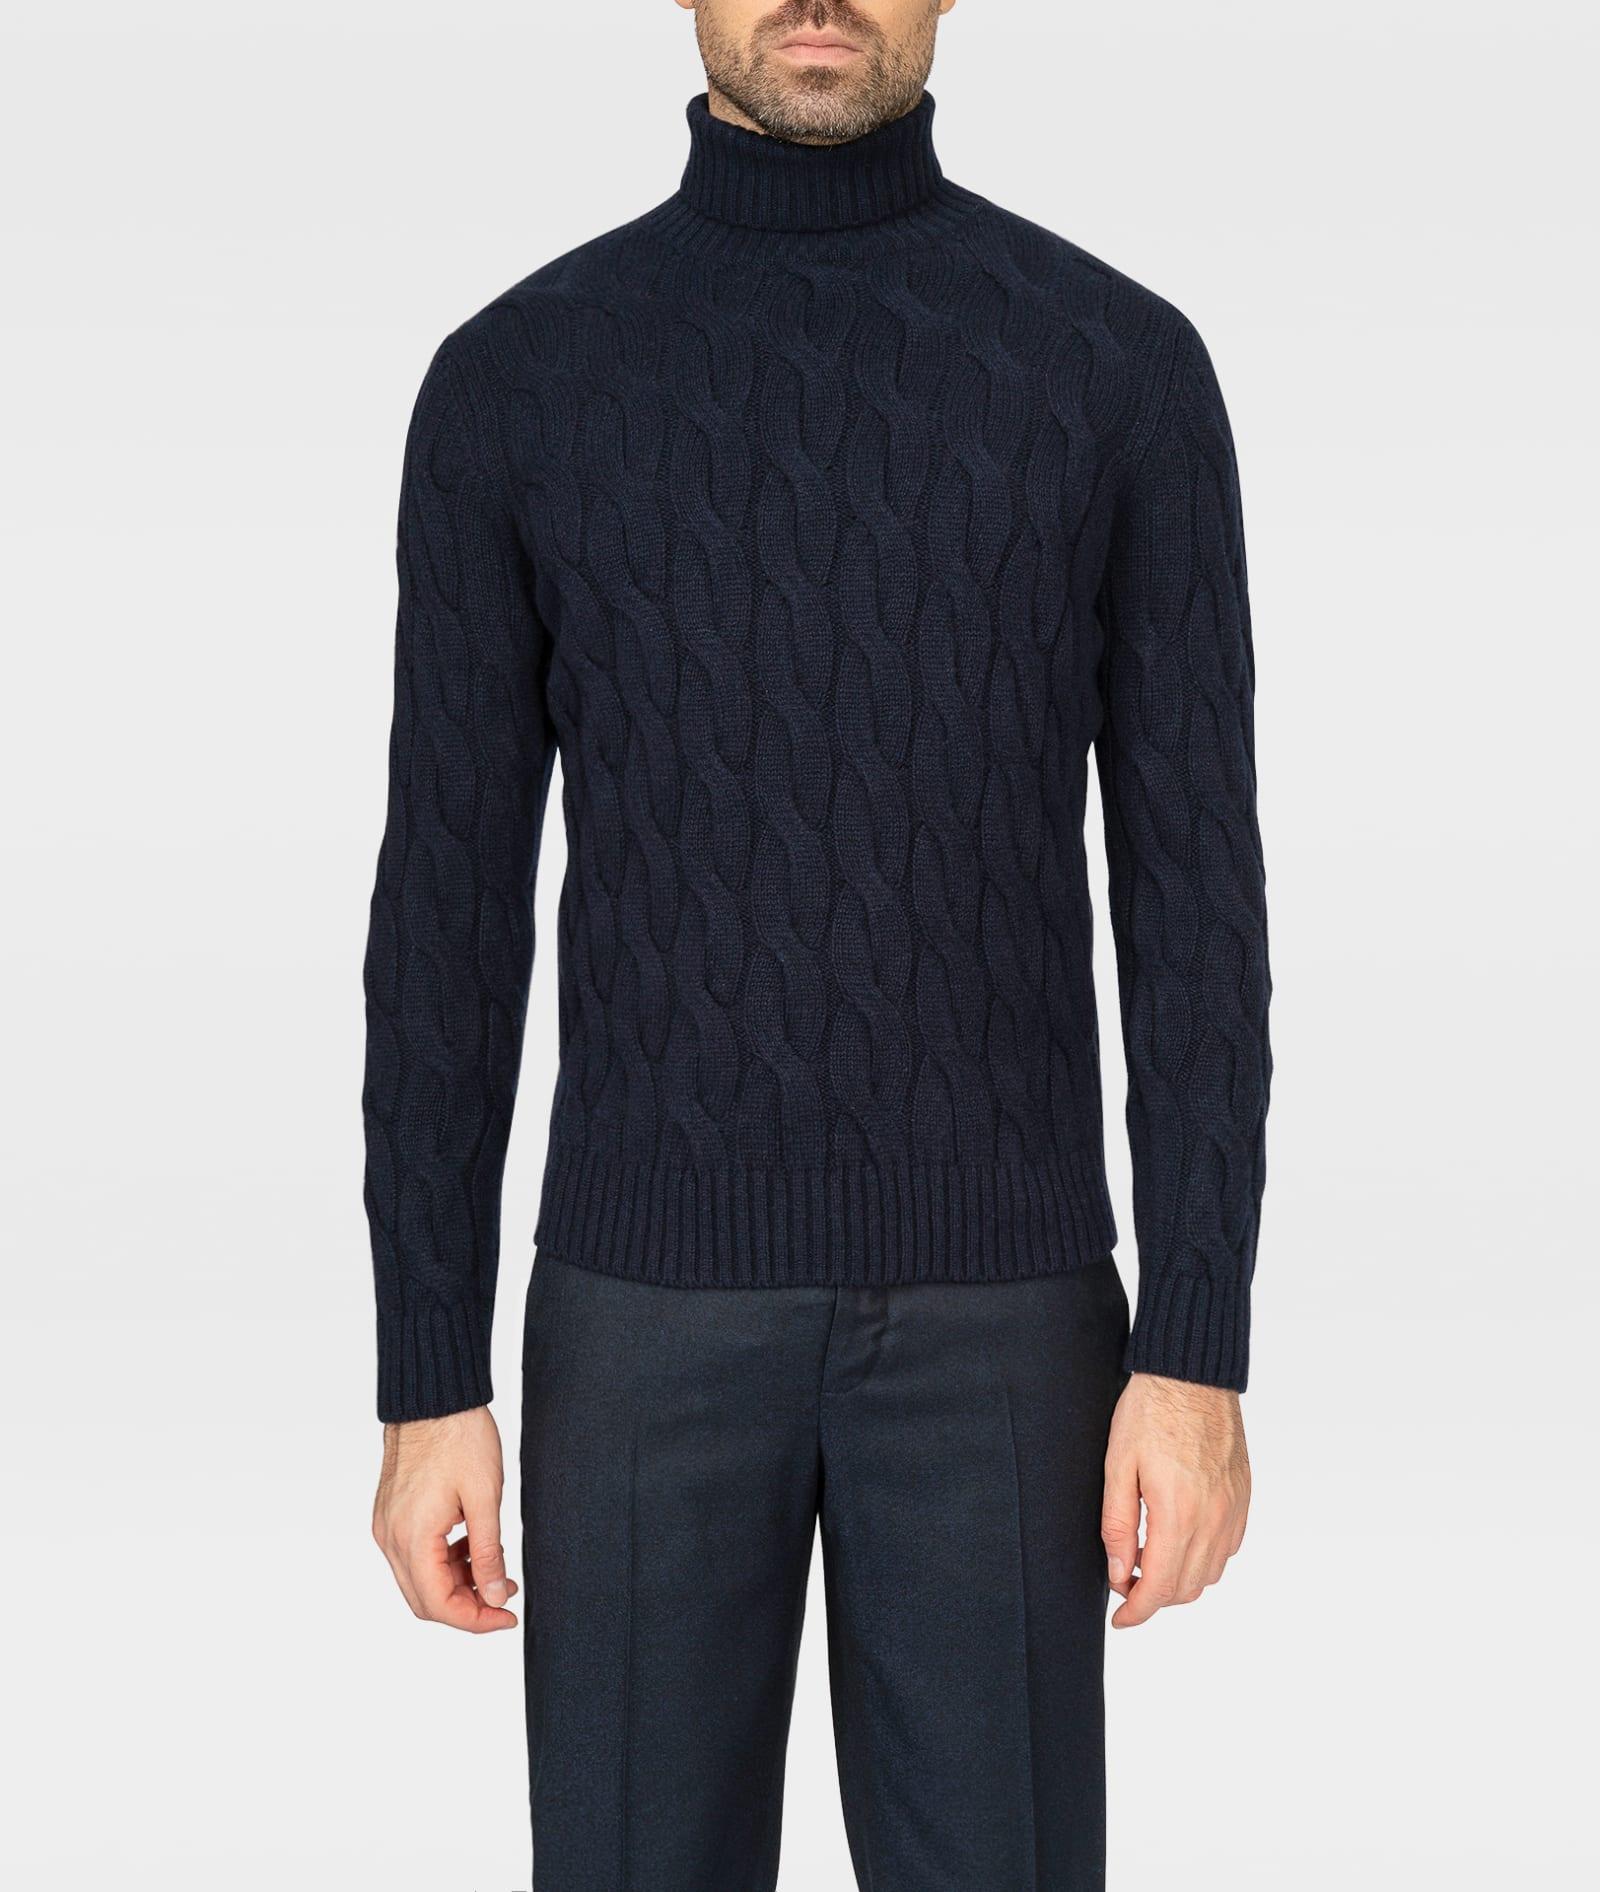 Cable Knit Turtleneck Sweater col Du Pillon